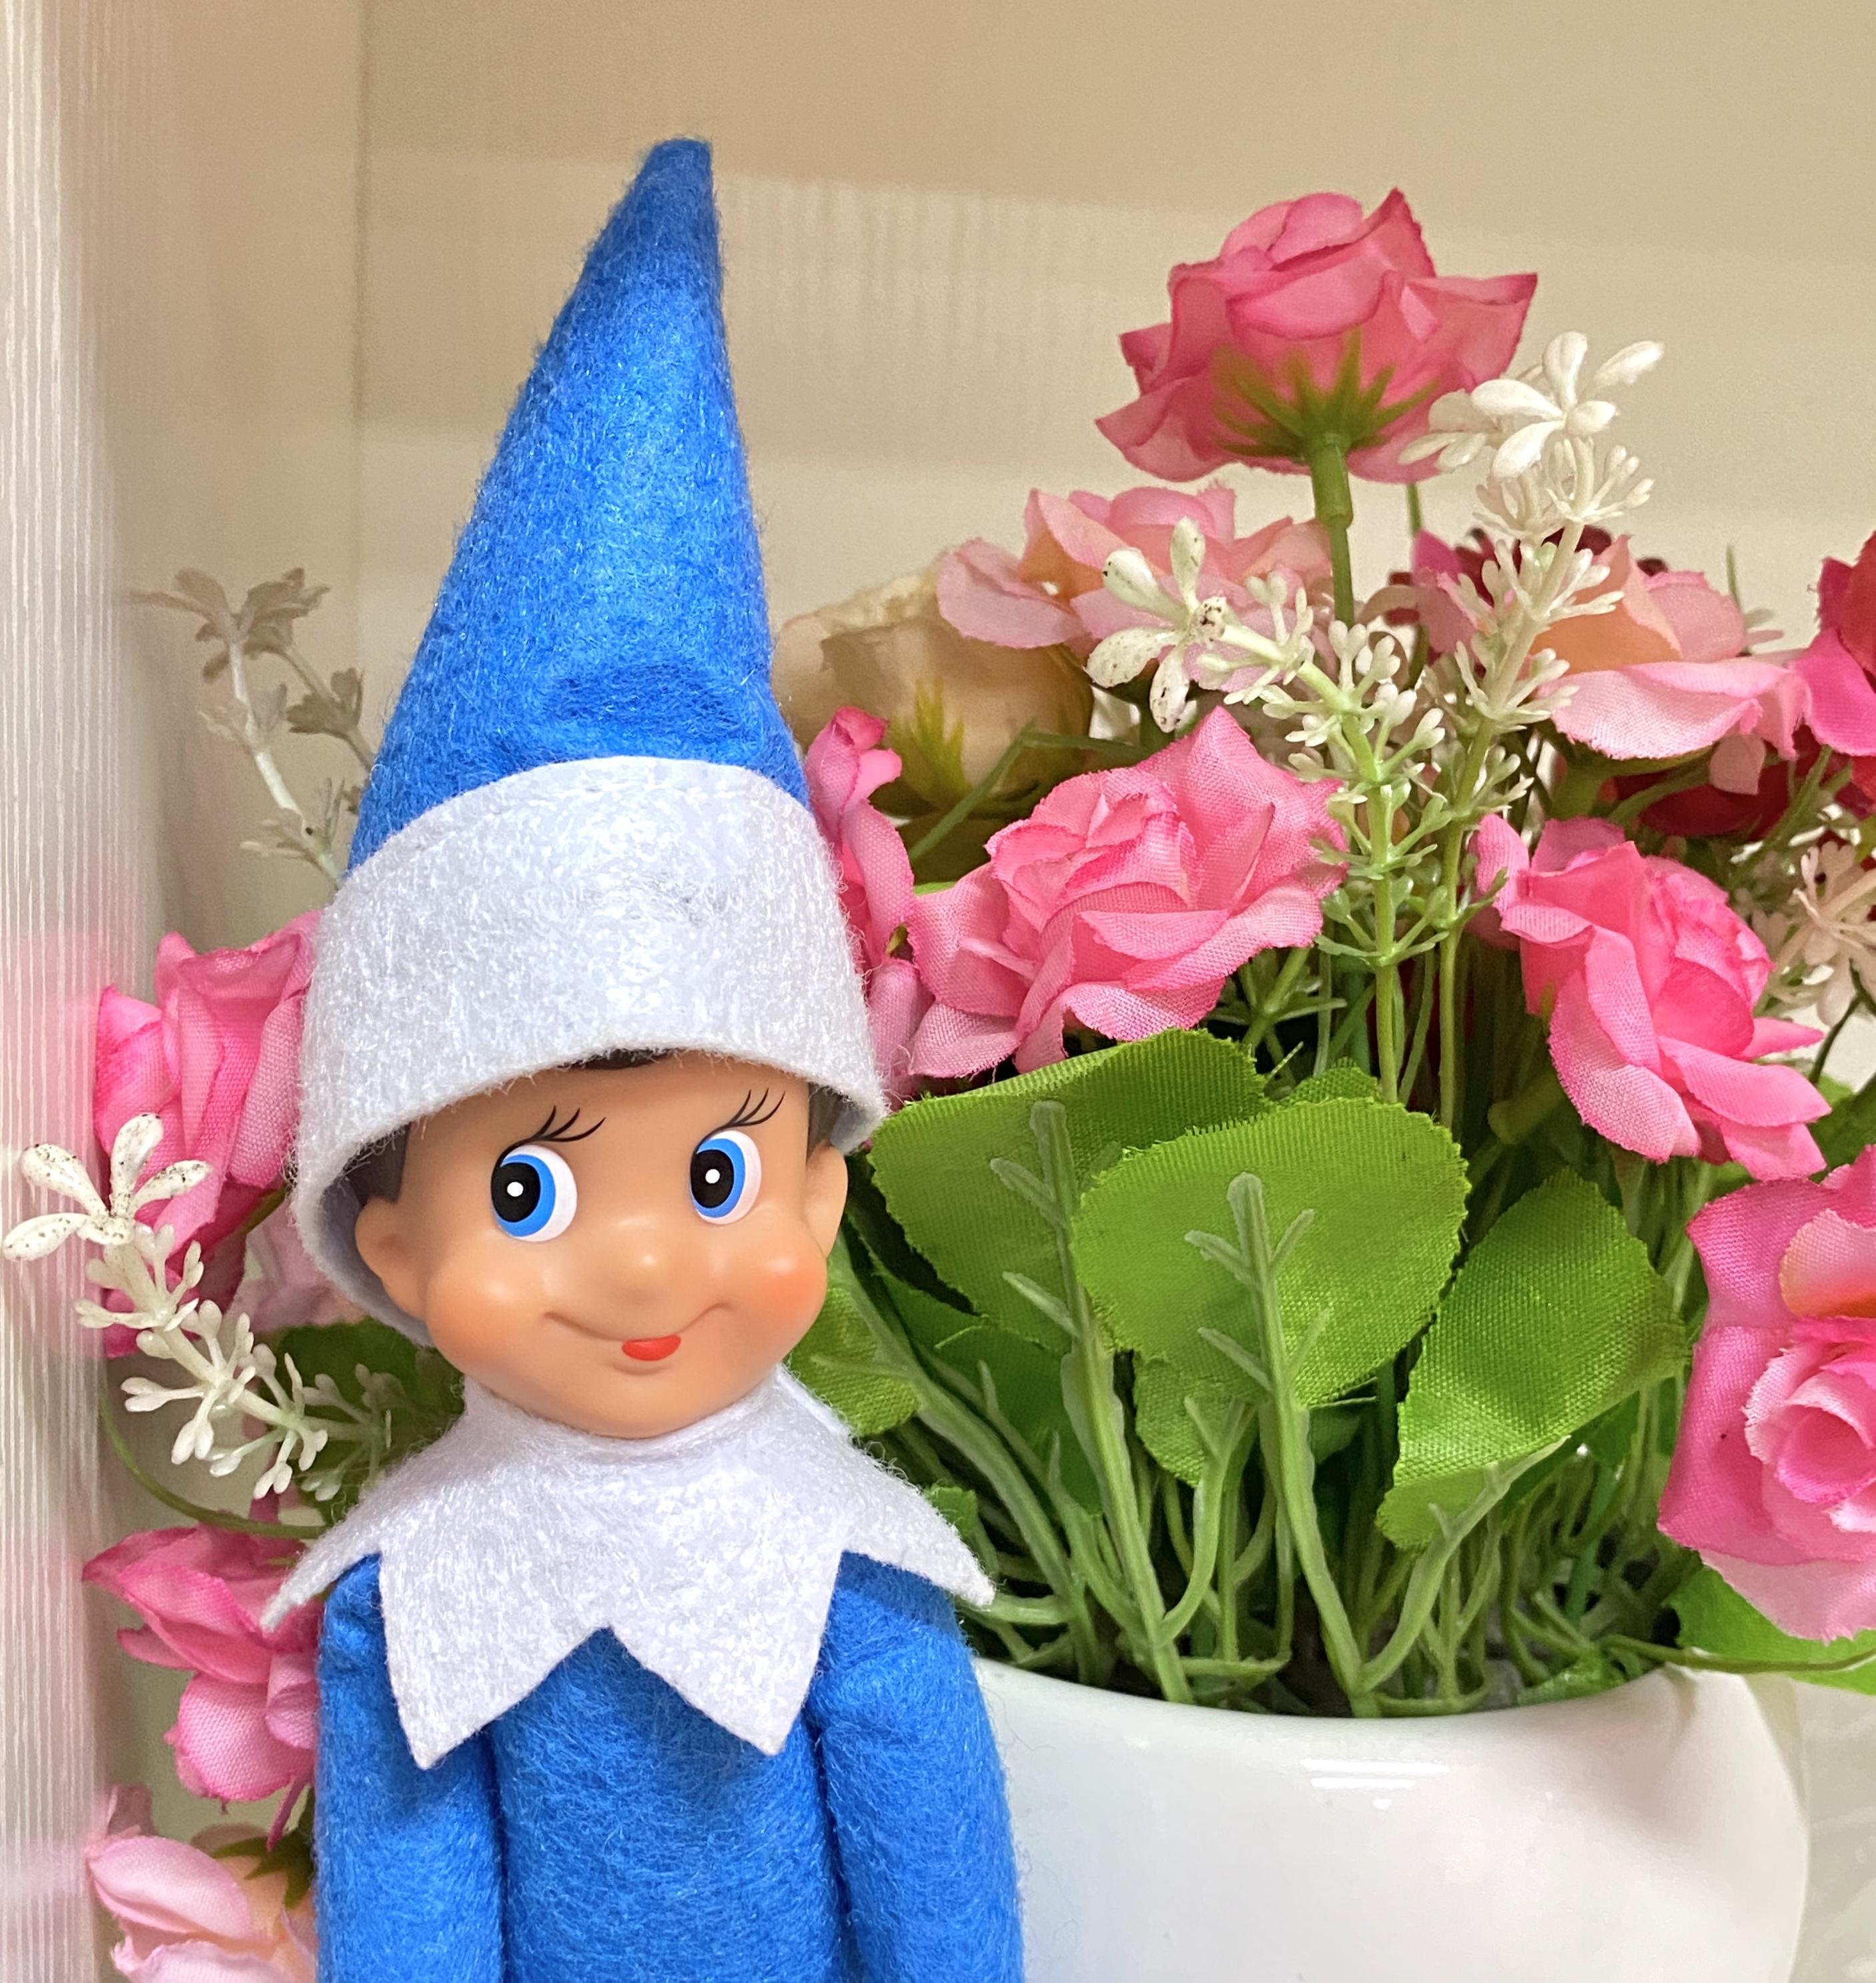 2020 Janela Guarda Natal 02 amantes boneca 08 venda quente delicada boneca 011 Christmas Elf 010